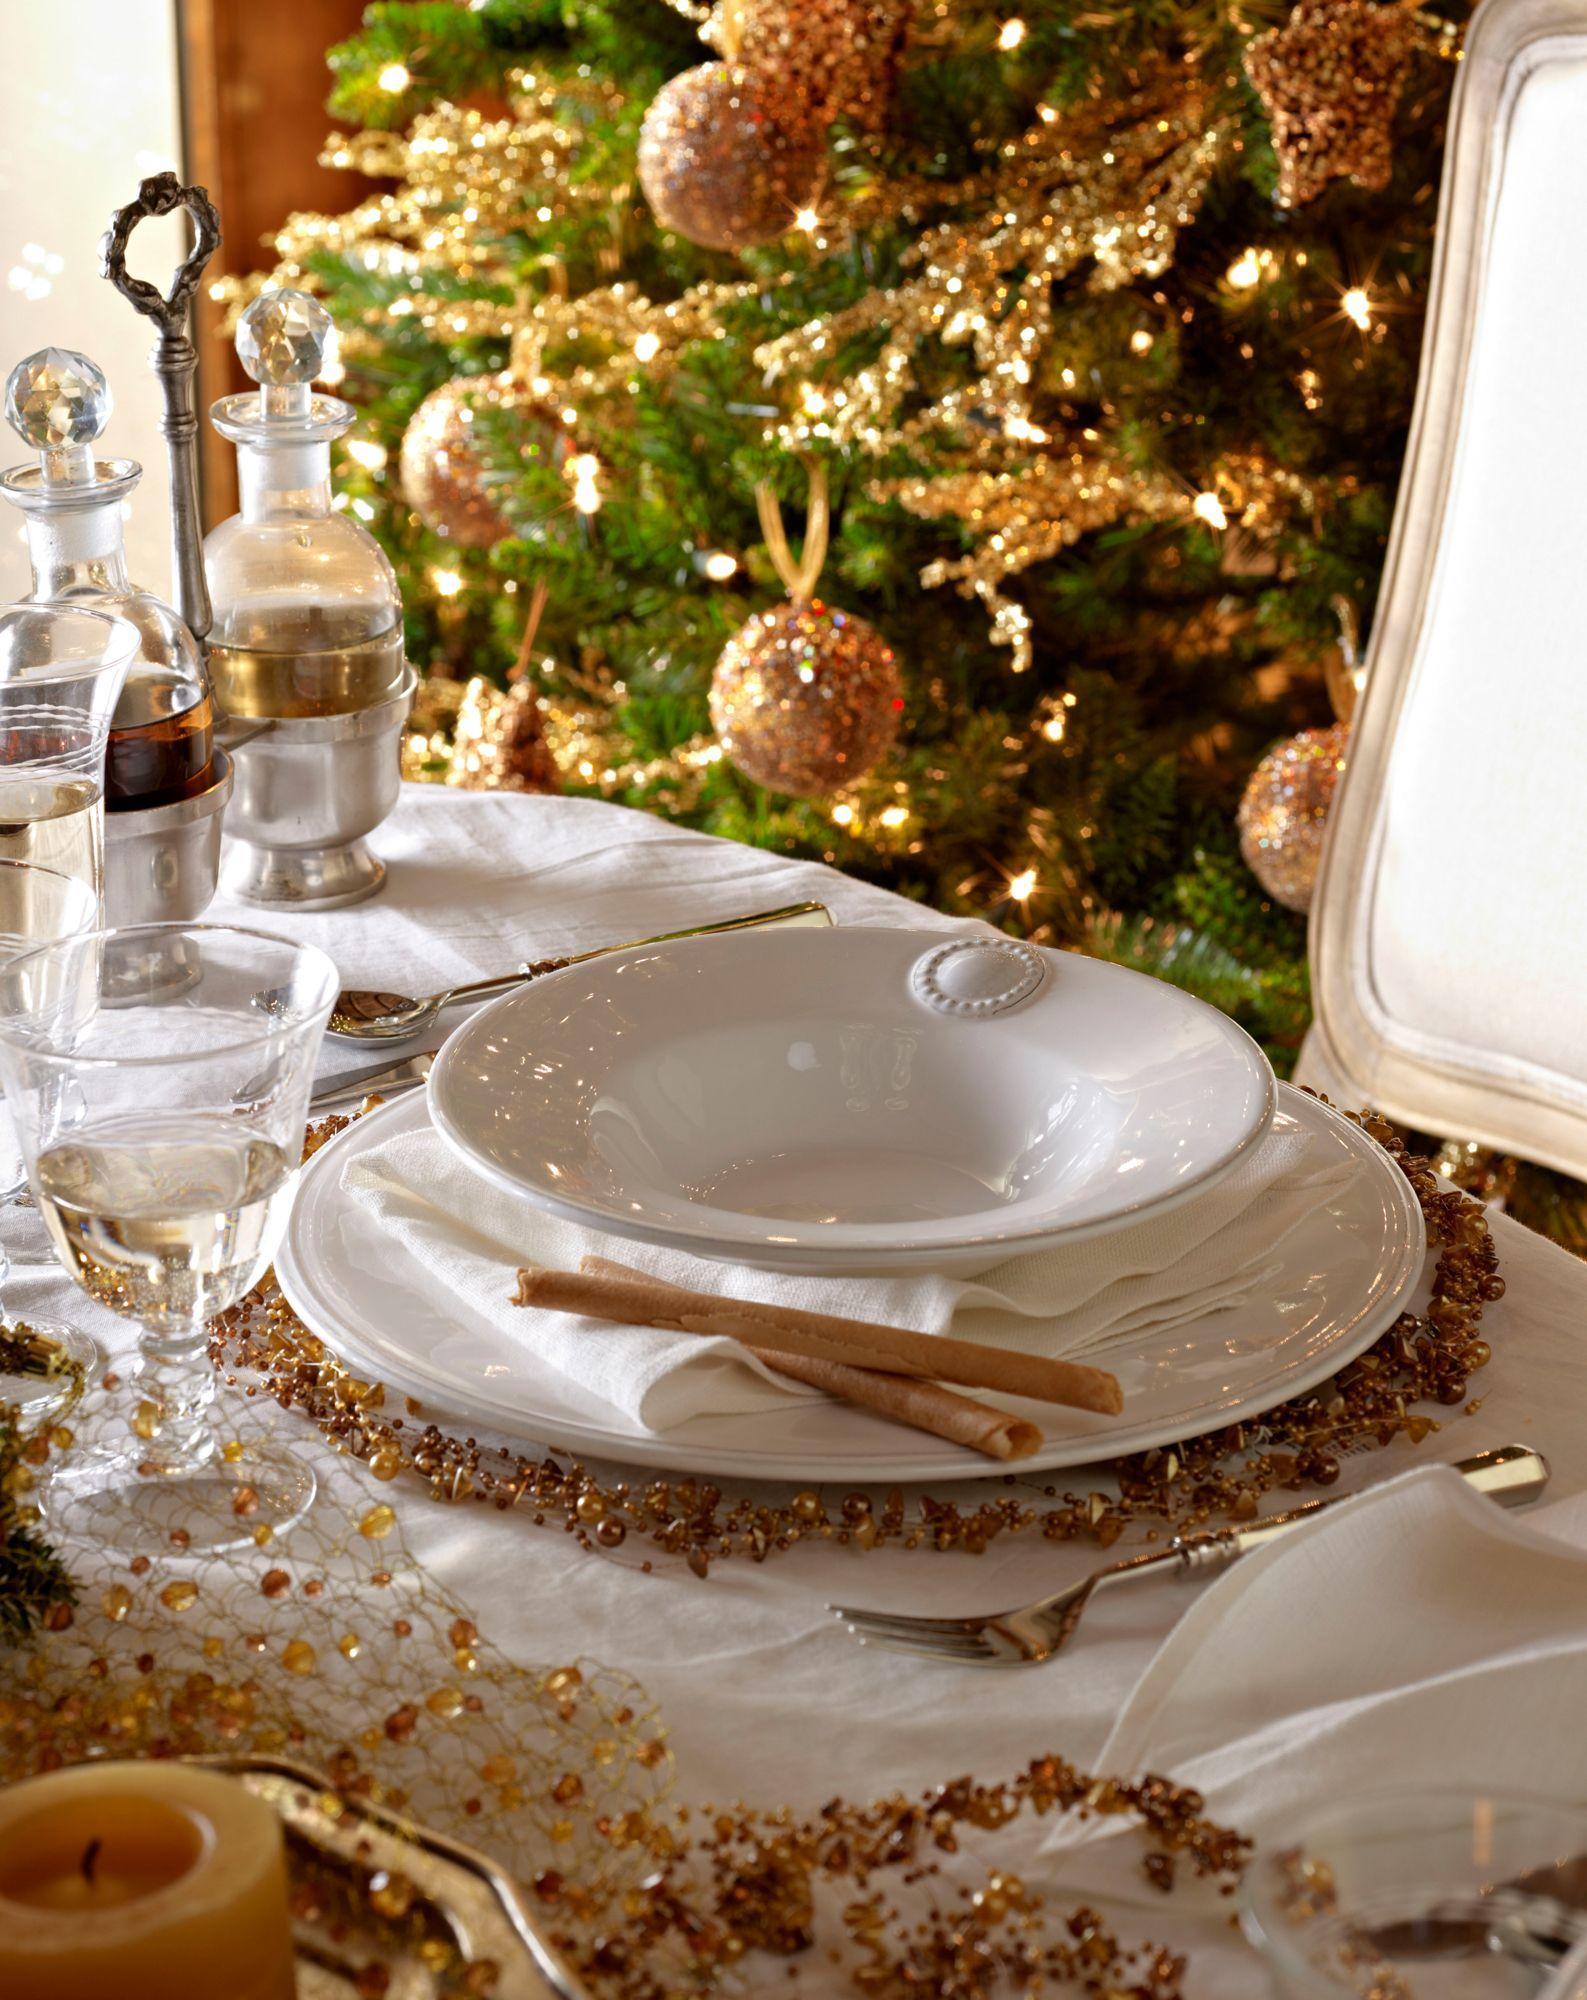 Mesa de navidad con vajilla blanca y decorada con detalles - Vajilla de navidad ...